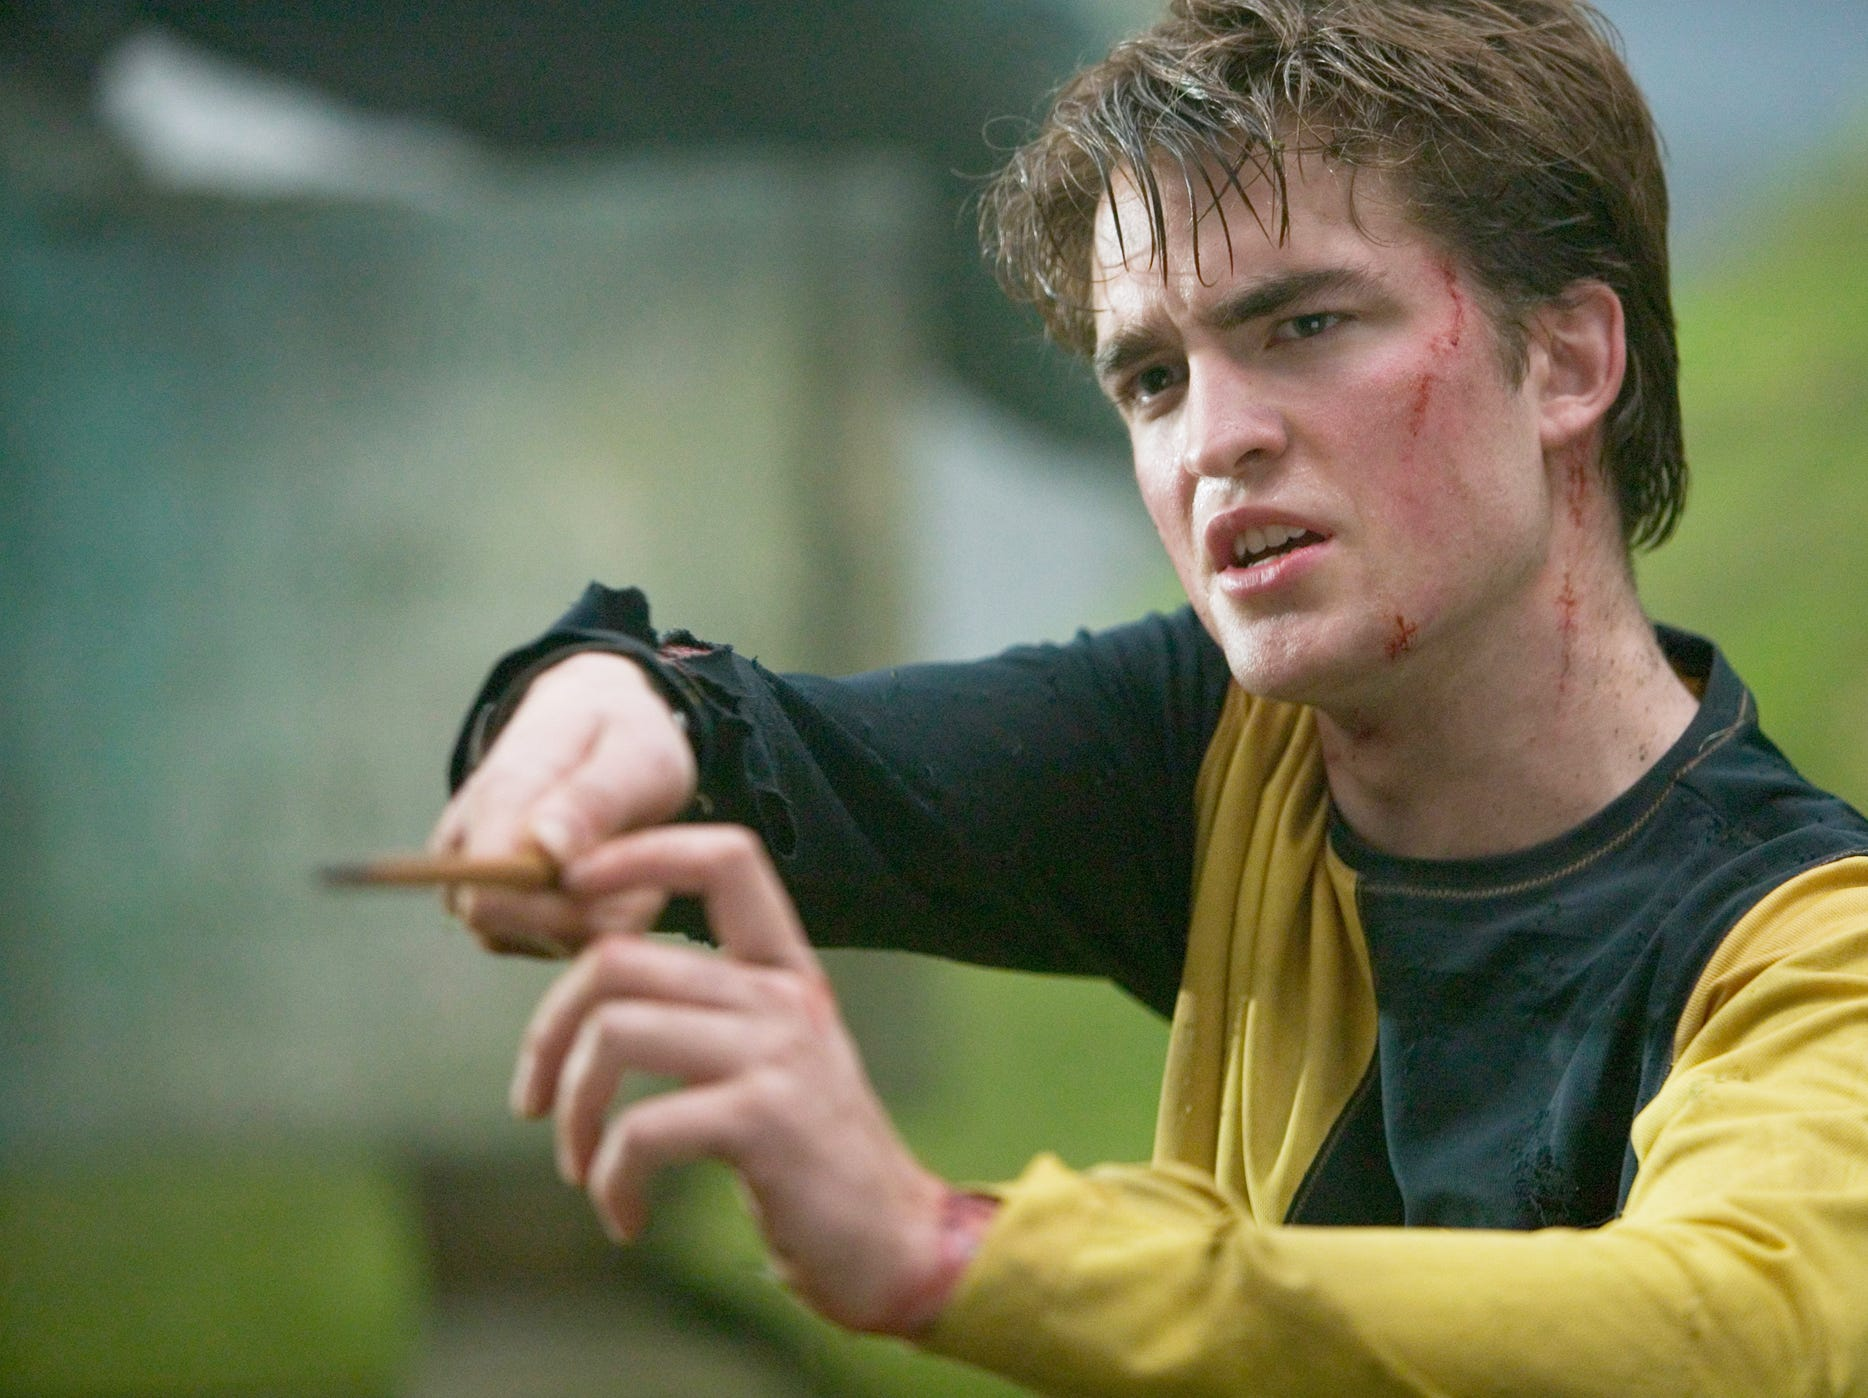 Robert Pattinson as Cedric Diggory